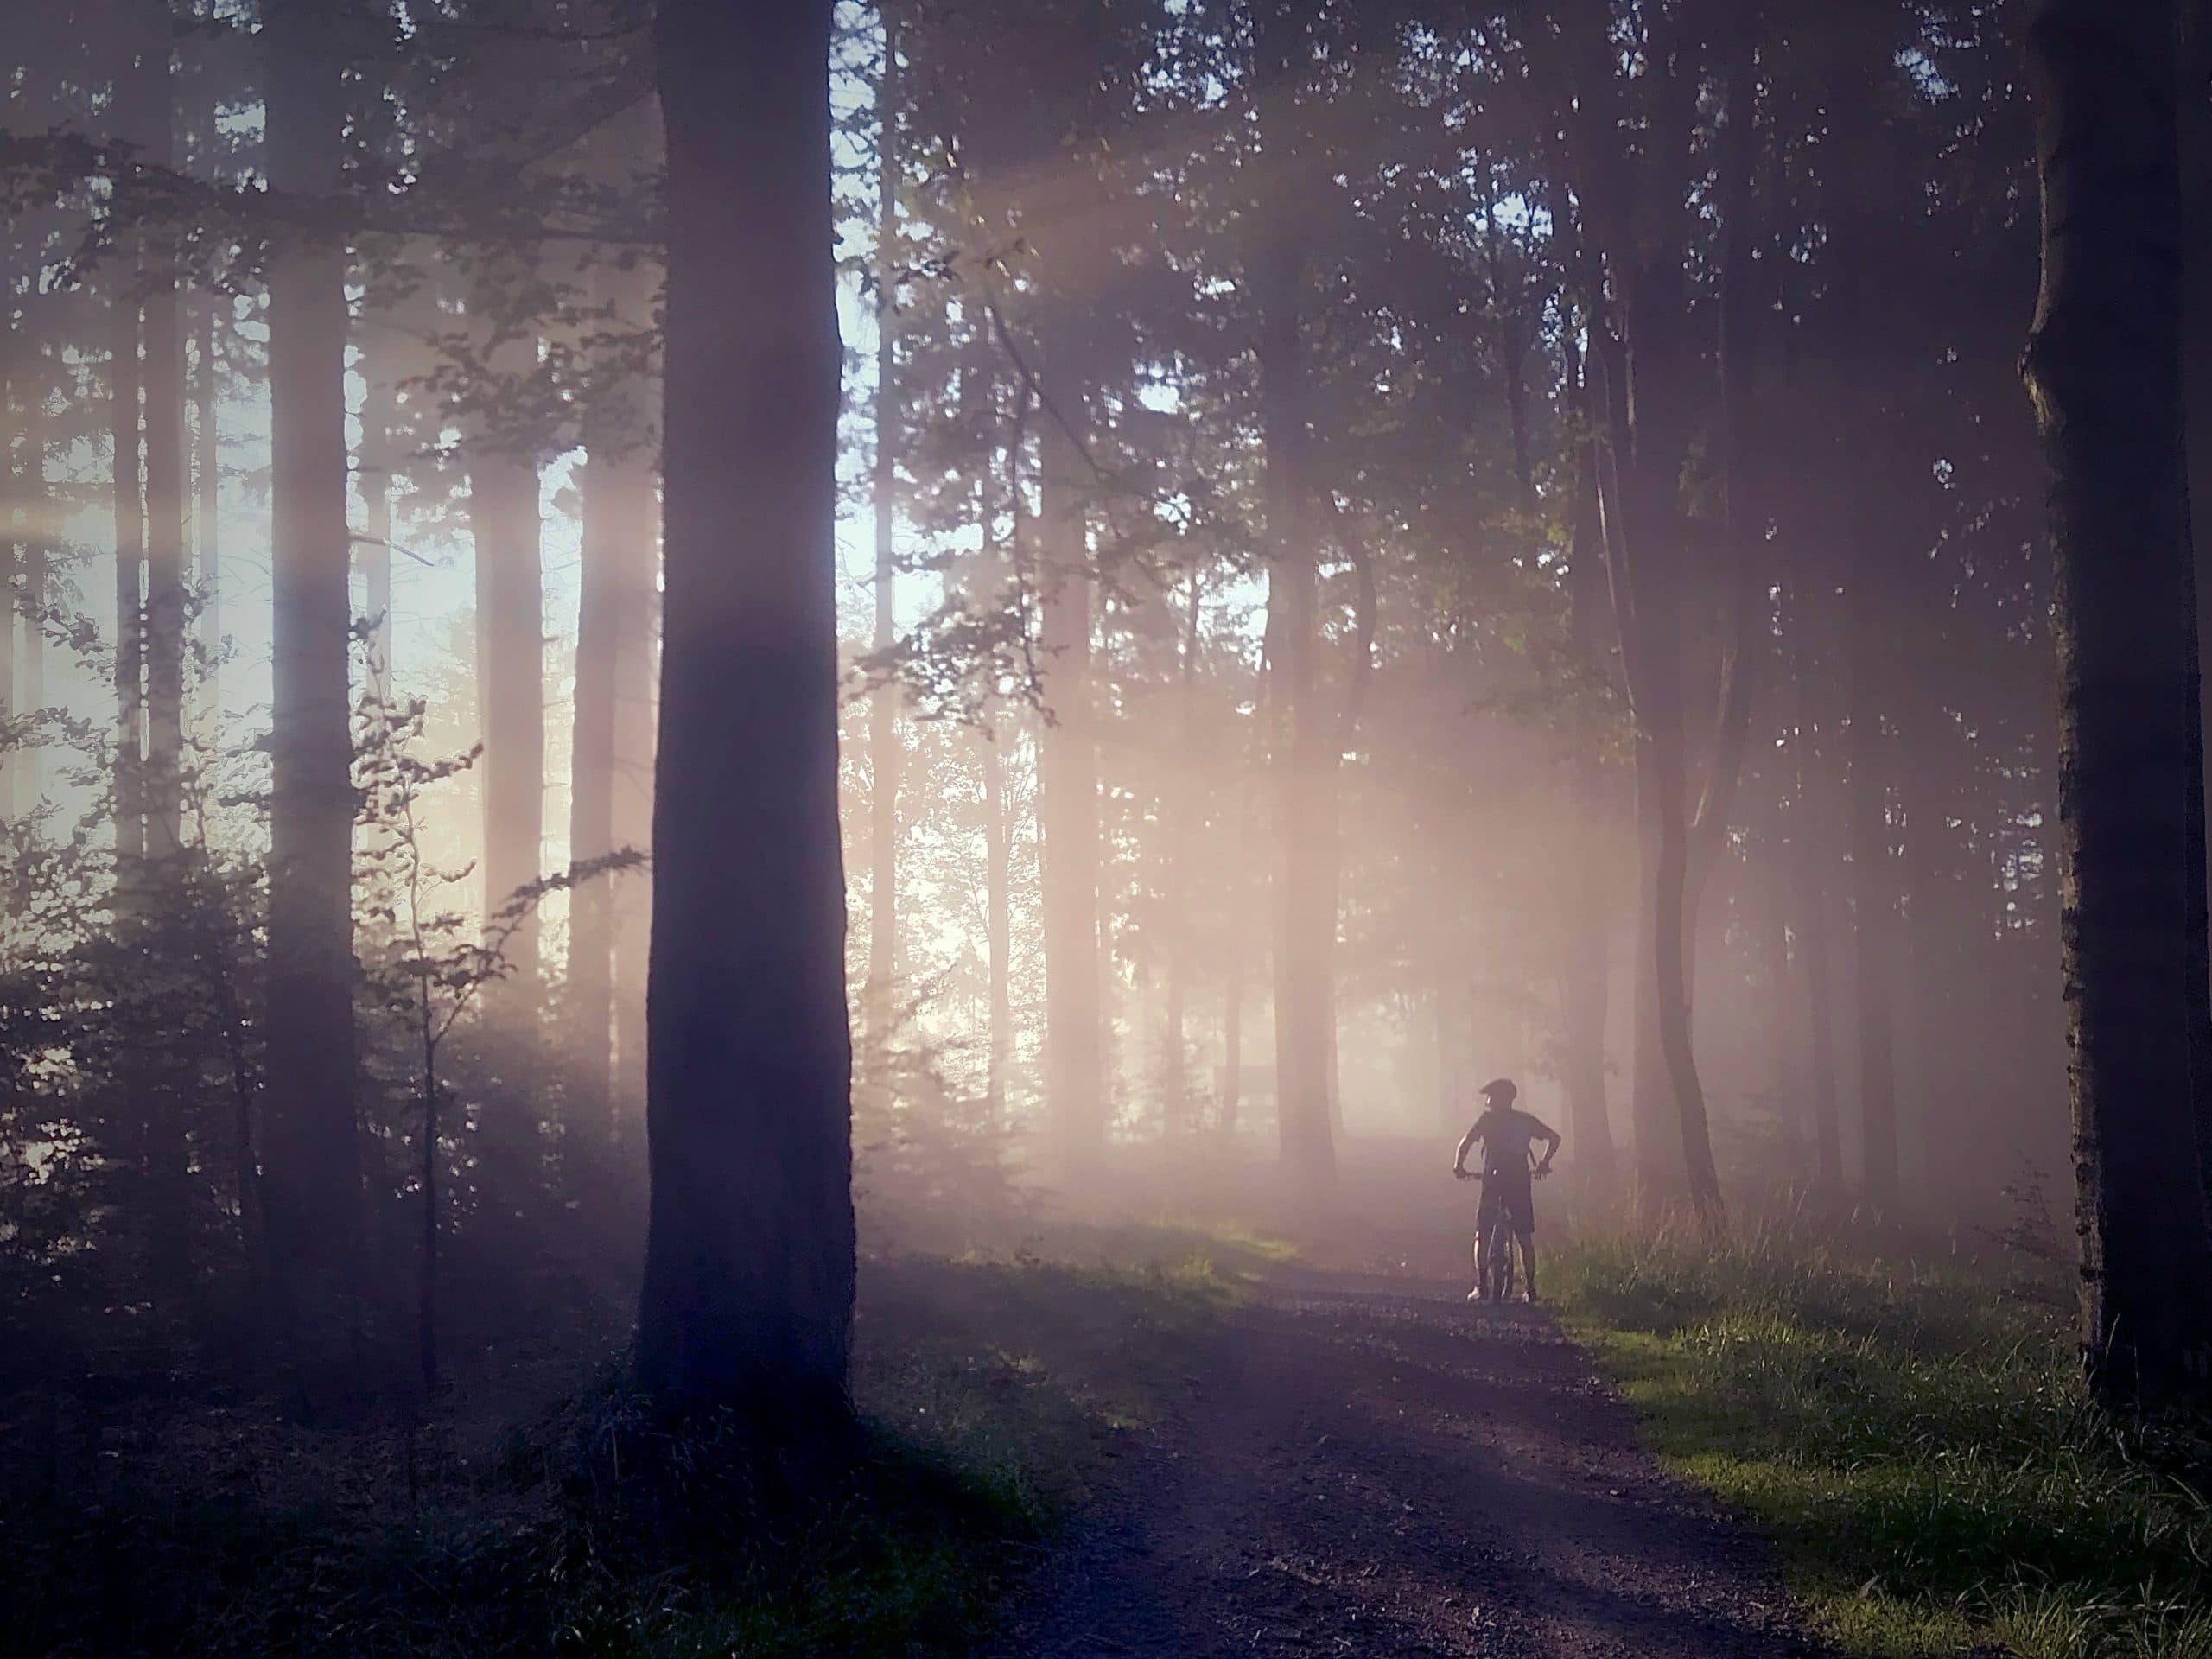 Rowerem przez las, czyli leśna turystyka rowerowa. Co warto wiedzieć?